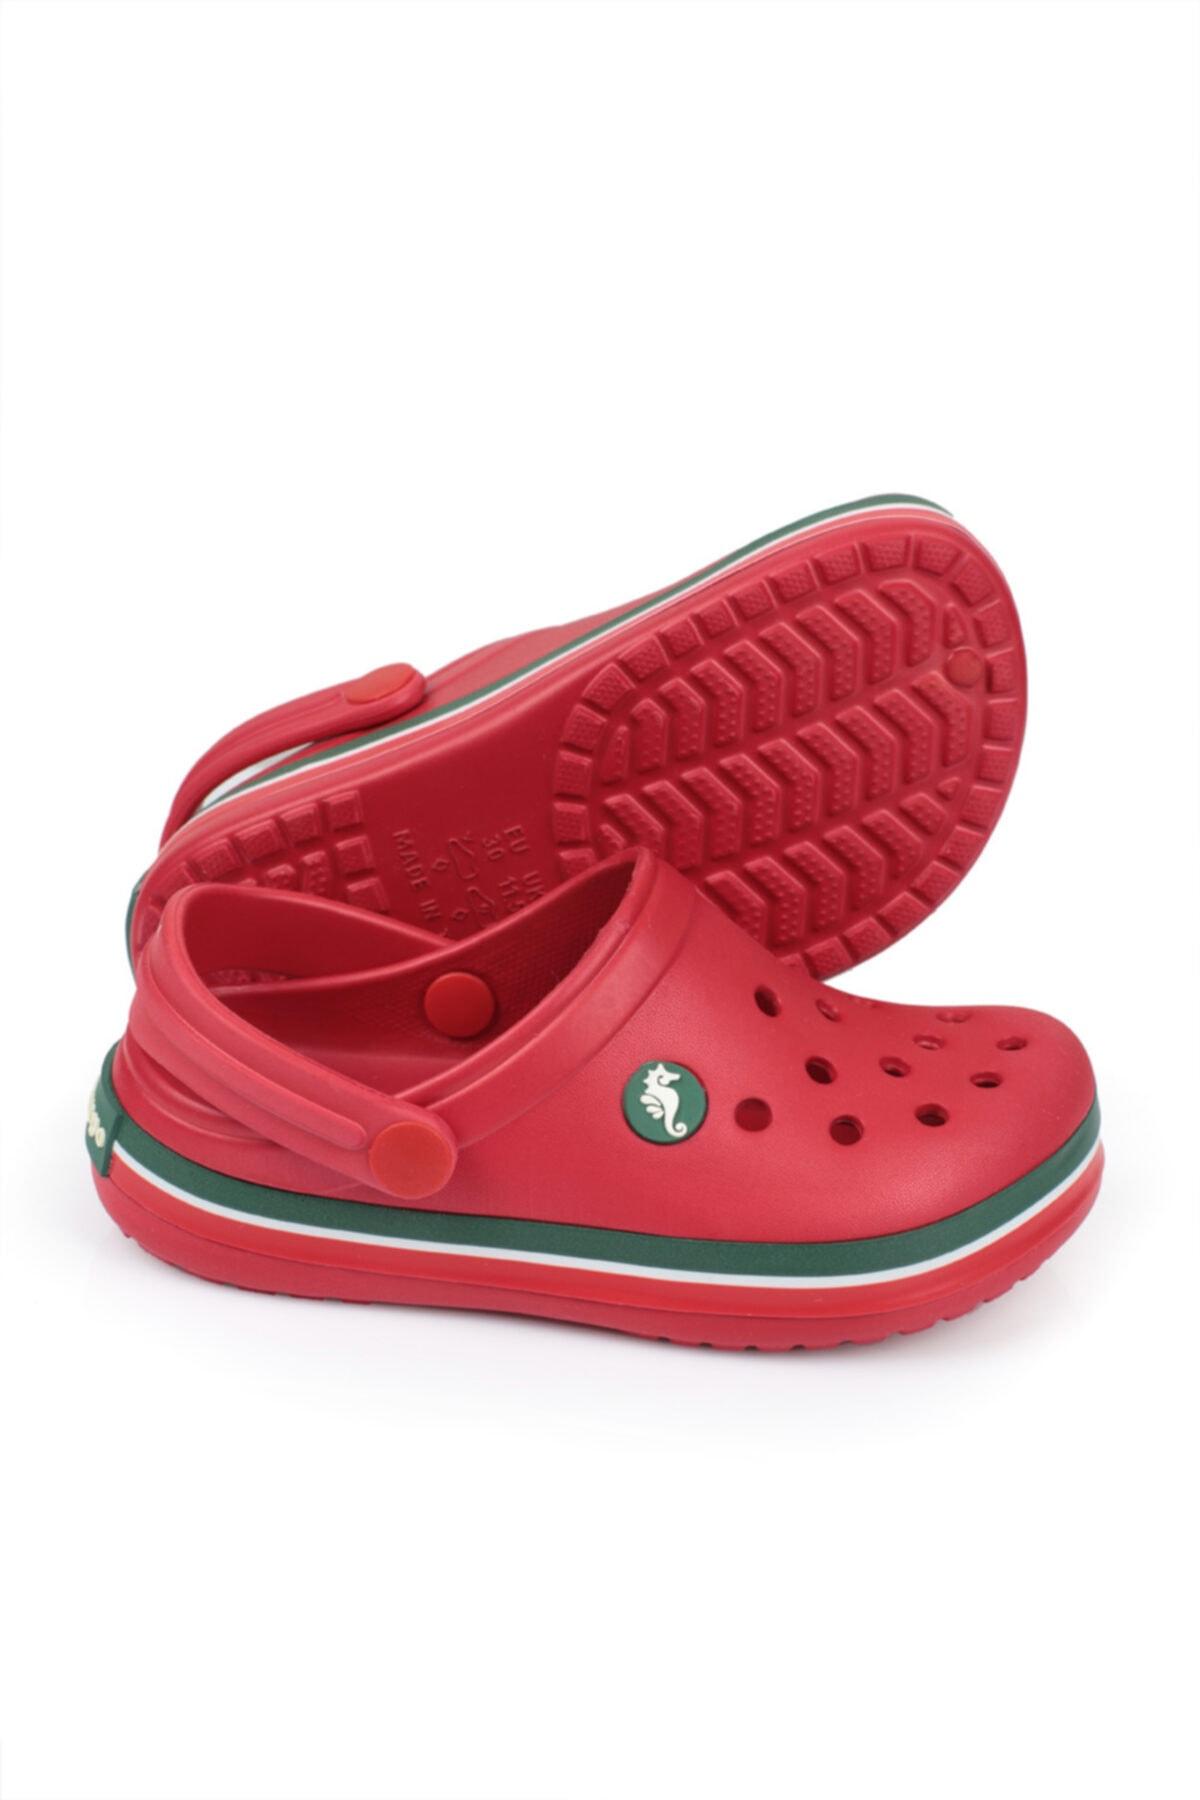 Çocuk Sabo Sandalet Terlik